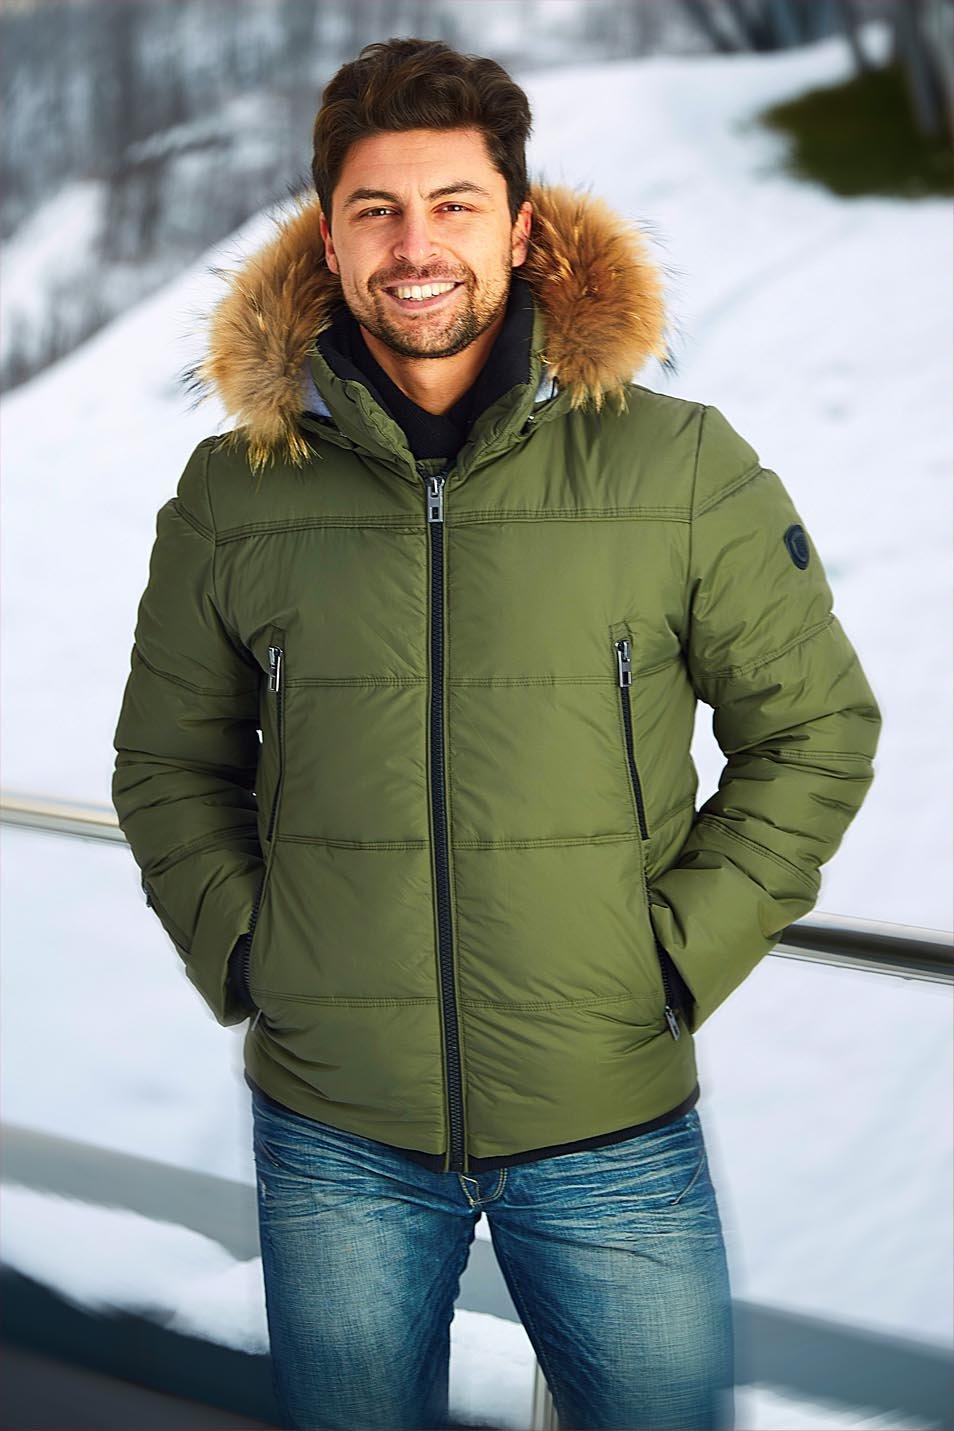 мужчина в зимней одежде картинки если